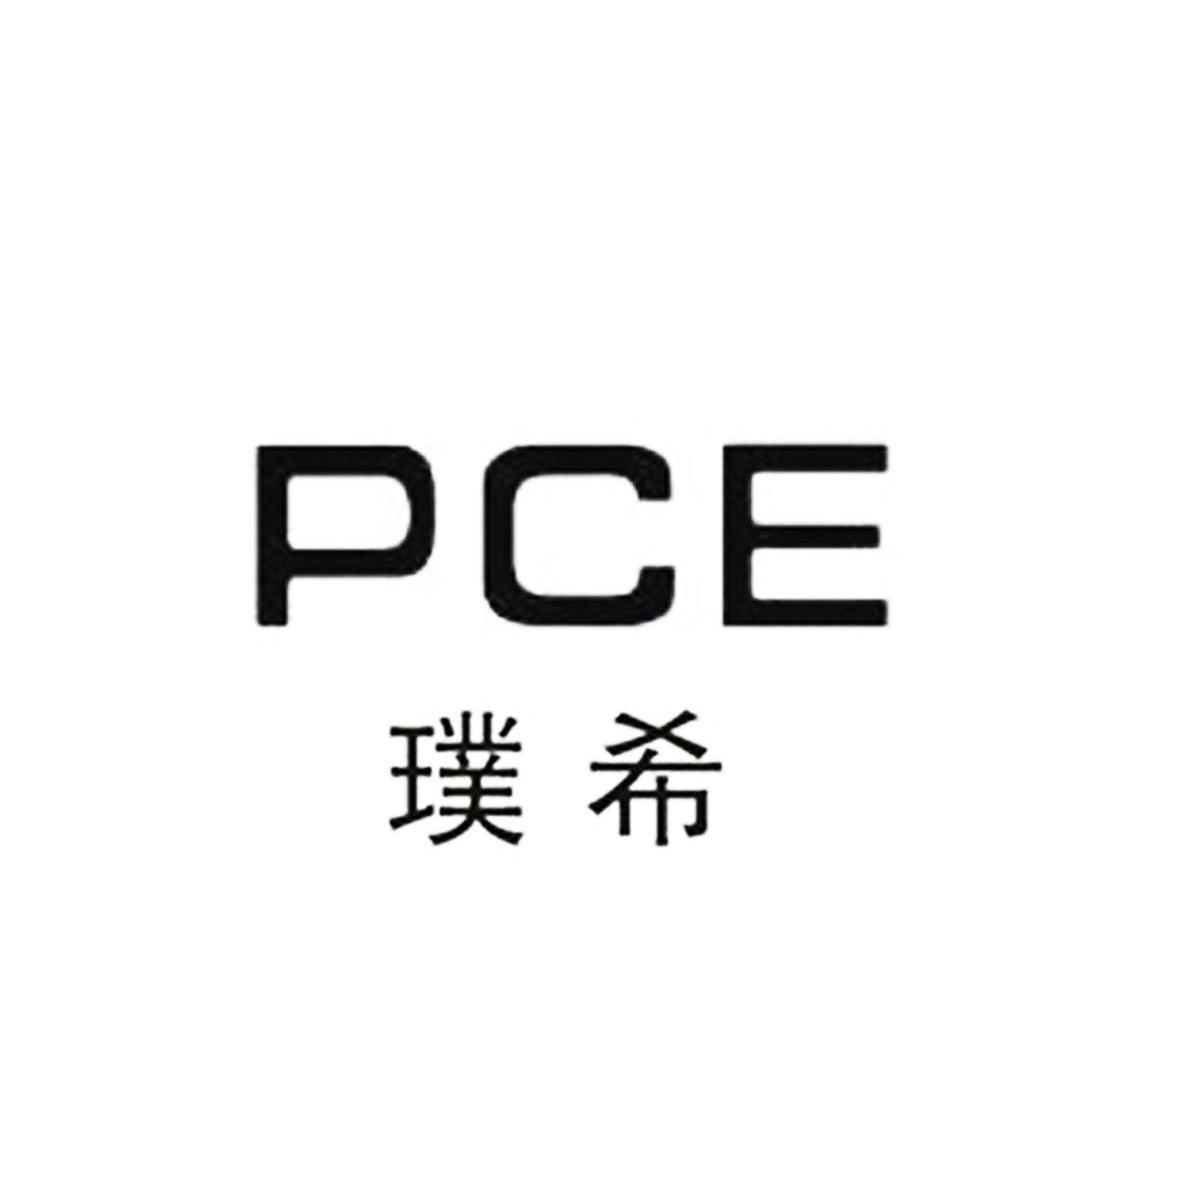 璞希 PCE